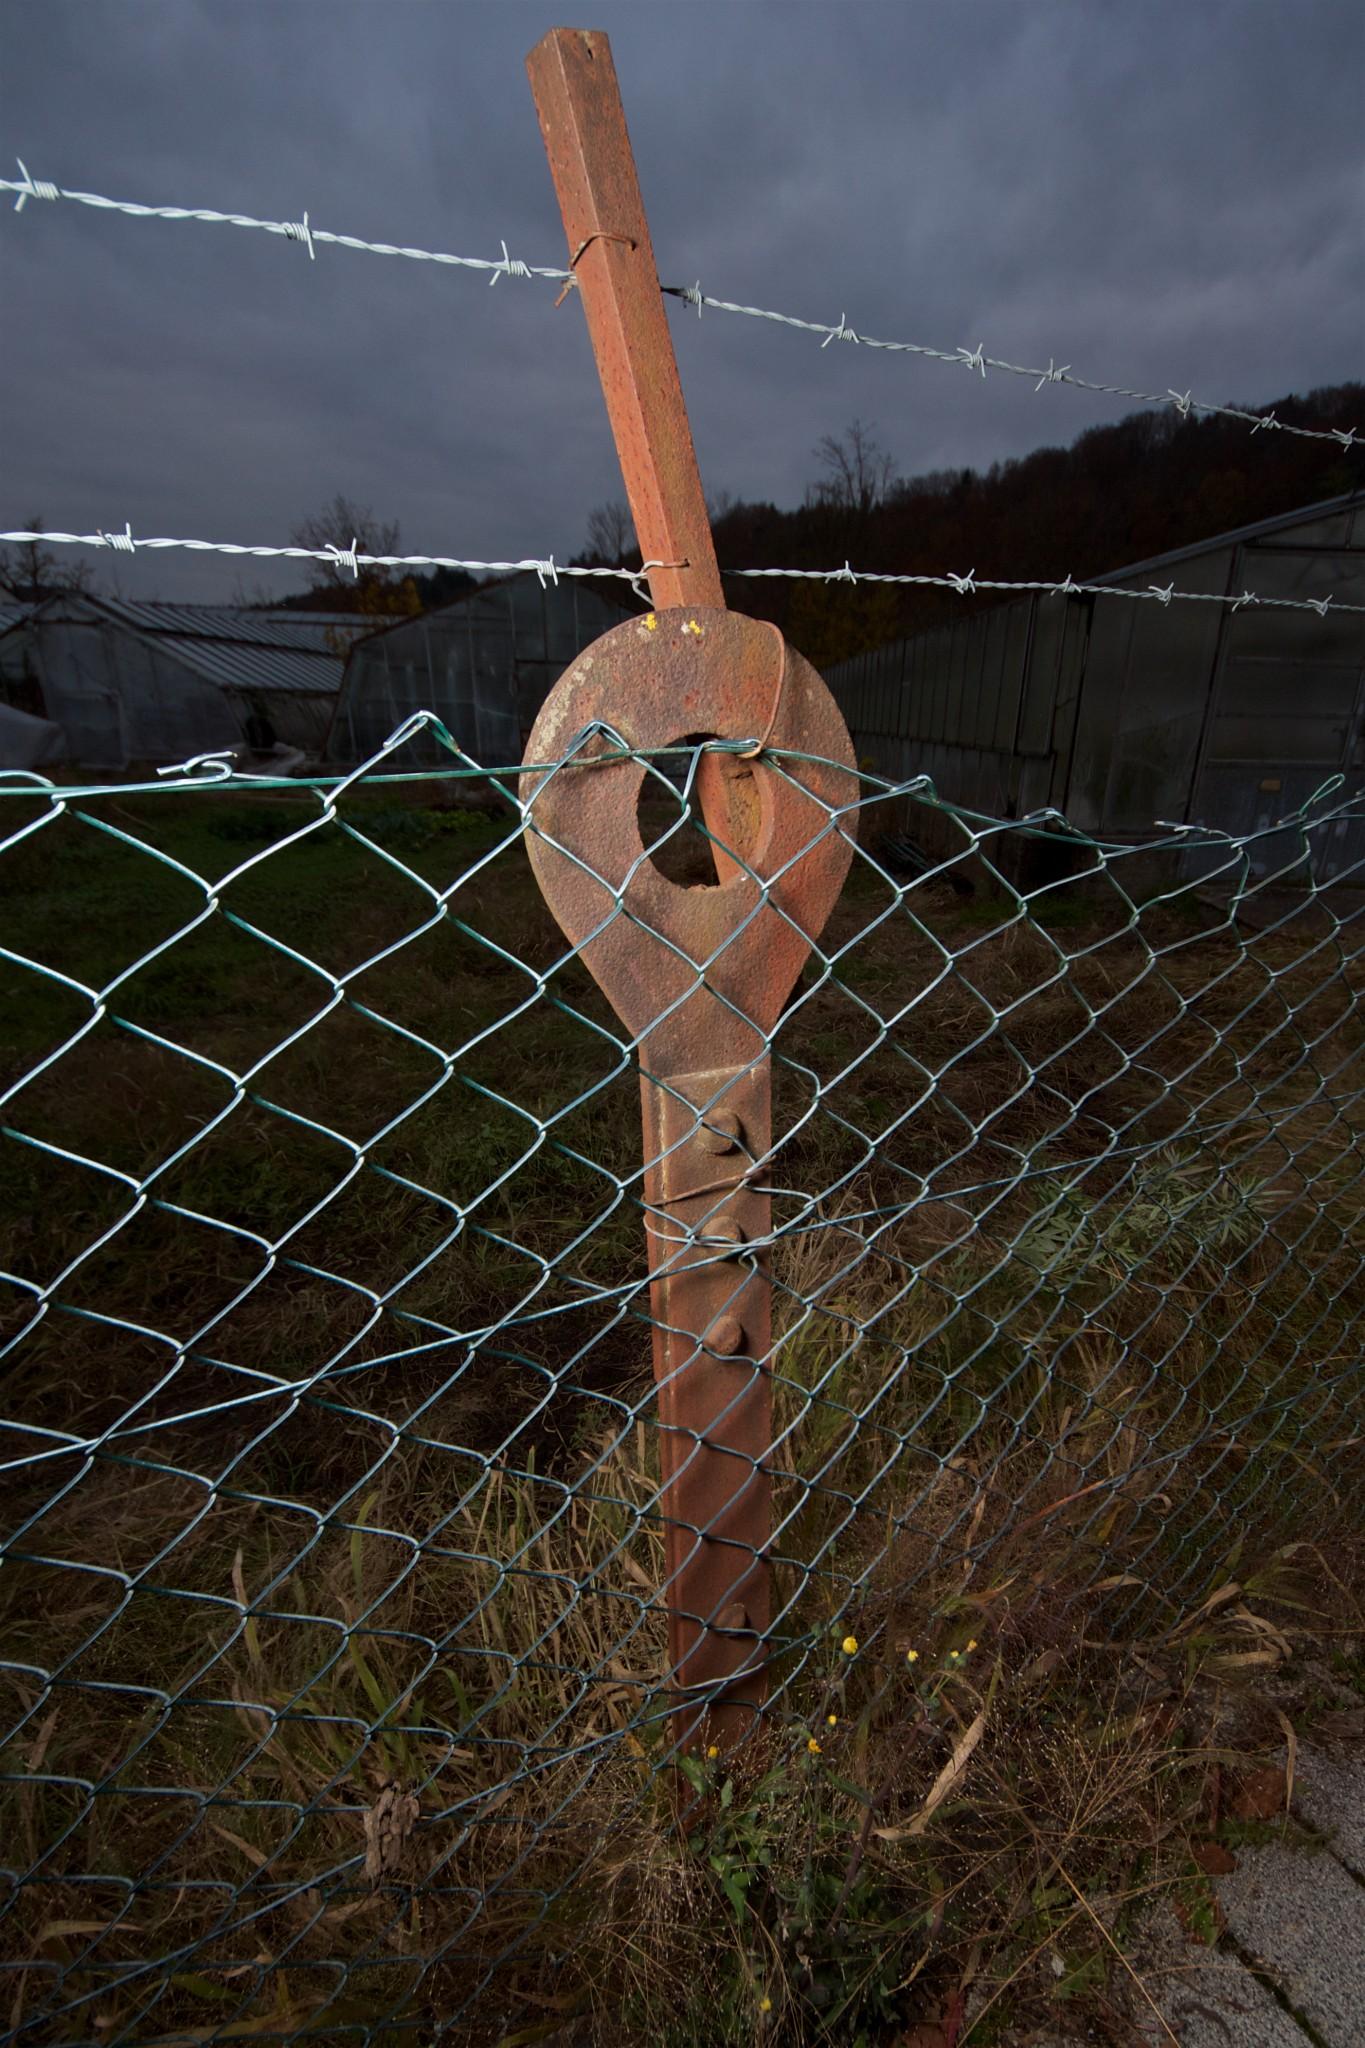 Relikt eines Militärflughafens, wiederverwendet als Zaunpfahl